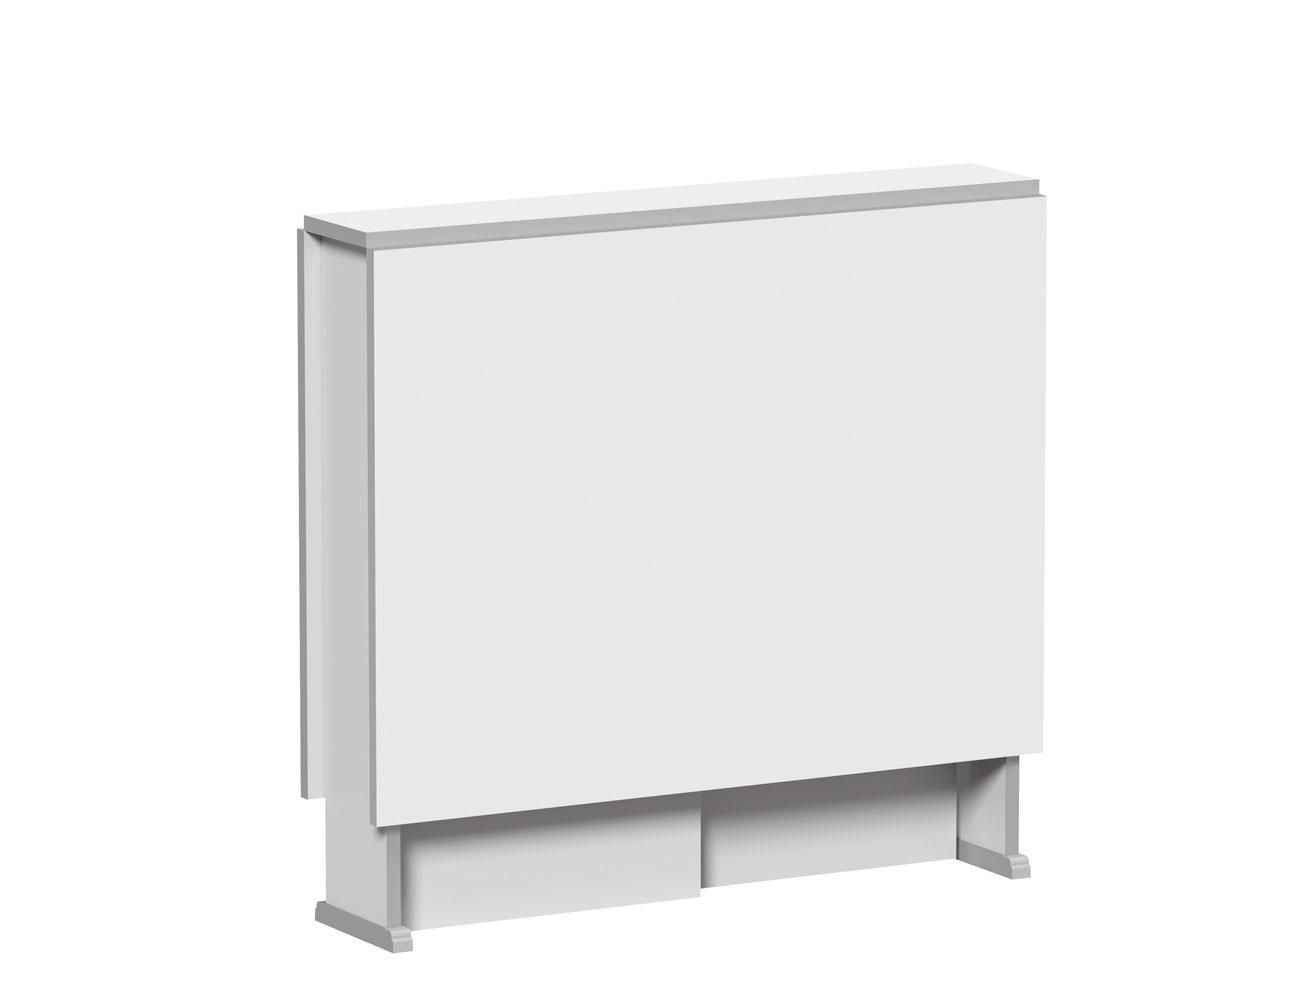 Mesa cocina elevable blanco 200